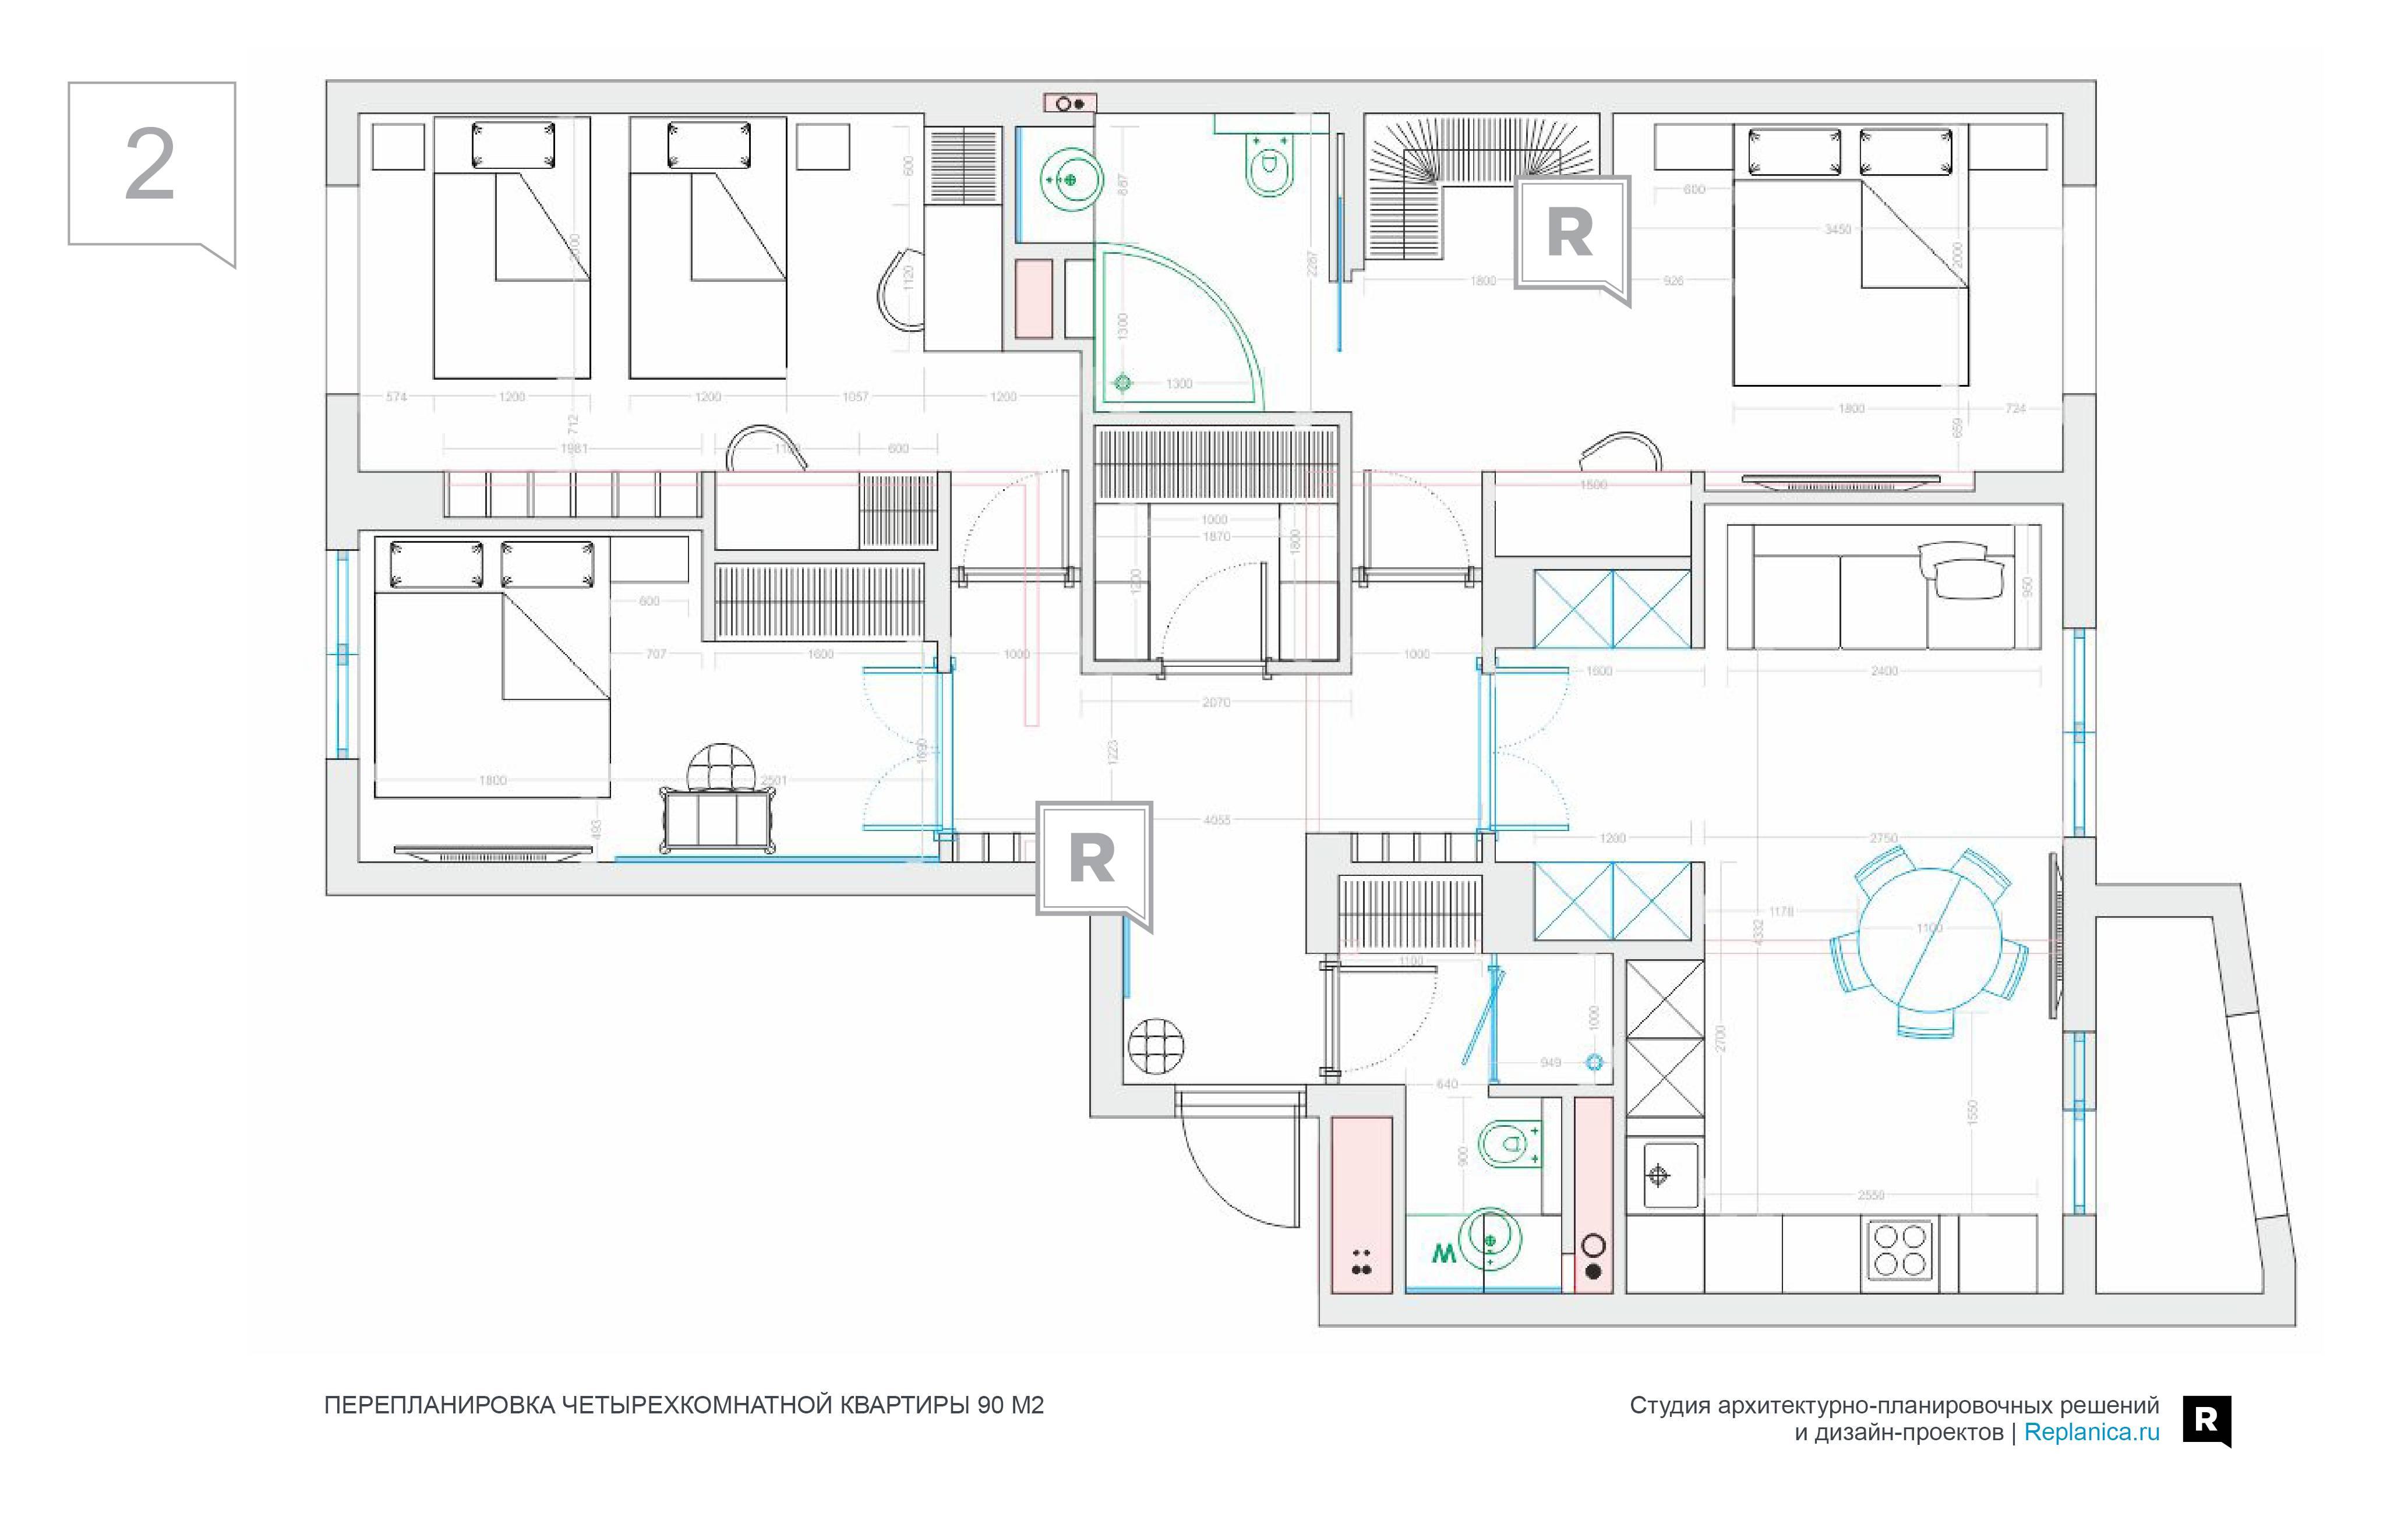 Перепланировка 4 х комнатной квартиры - в хрущевке 504 серии, копэ. возможна ли перепланировка четырехкомнатной квартиры в трехкомнатную?своё